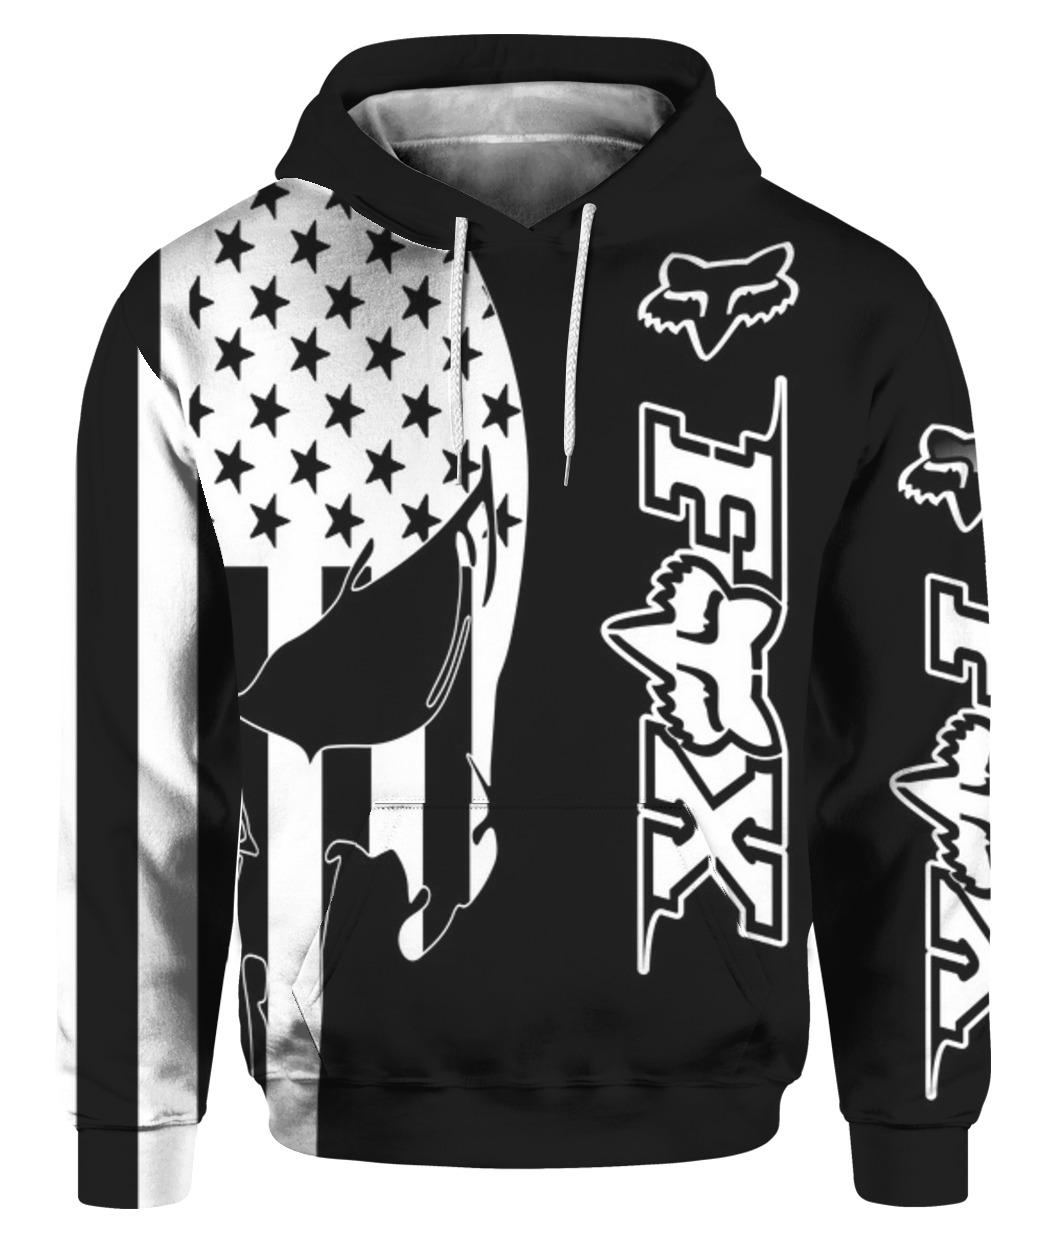 American flag skull fox racing full printing hoodie 1